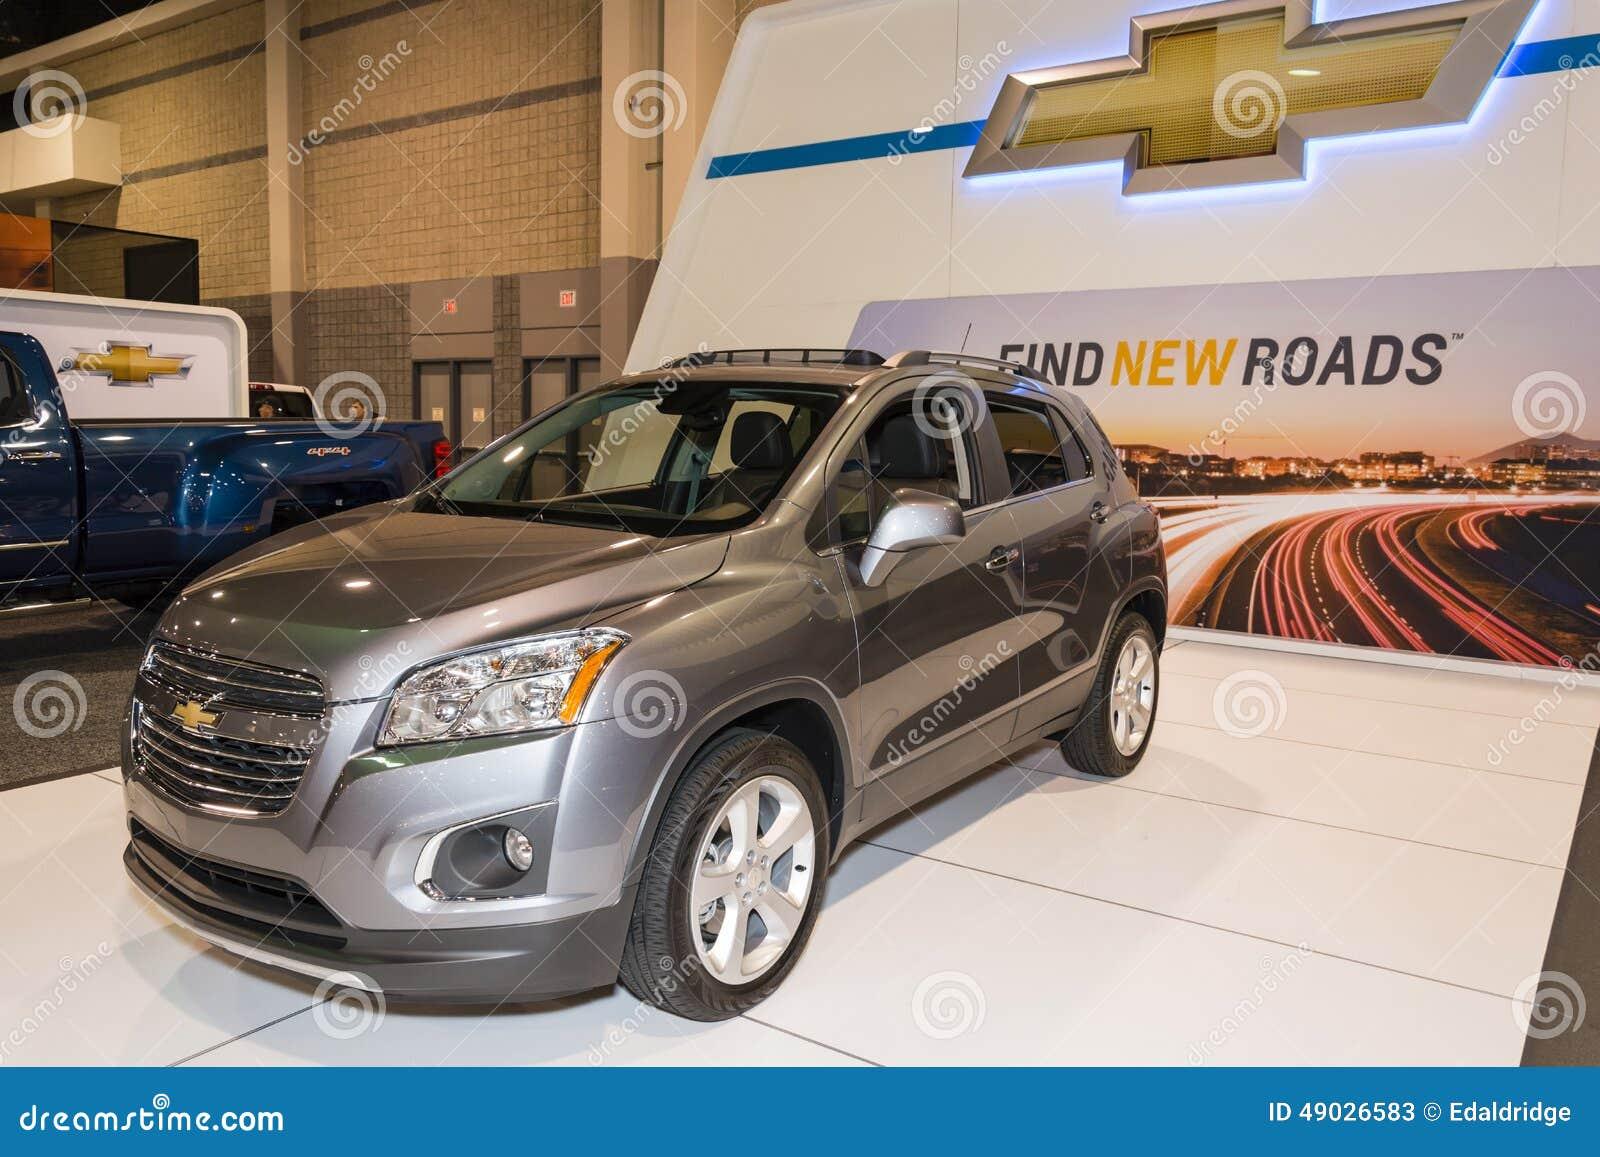 Charlotte International Auto Show 2014 Editorial Photo Cartoondealer Com 49026879